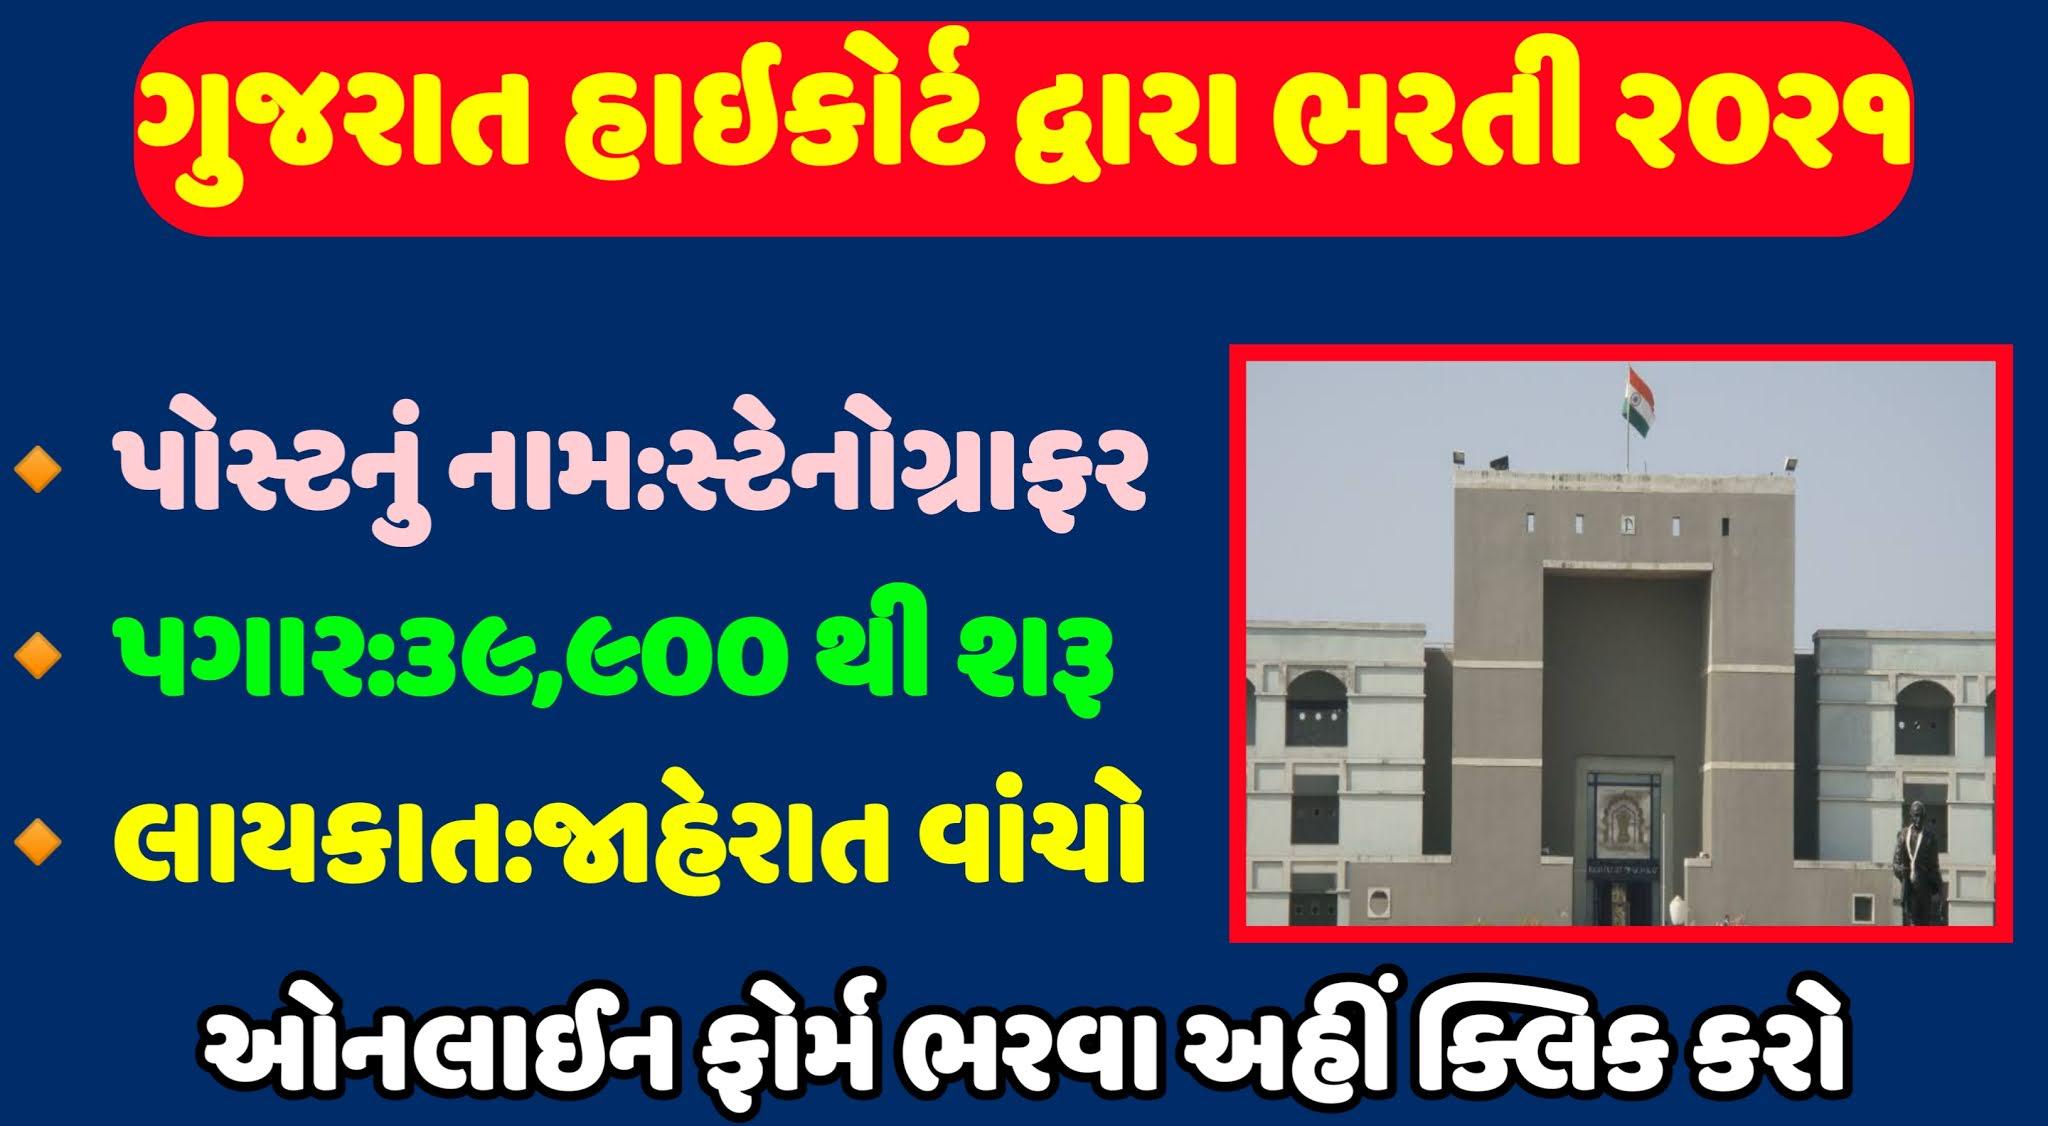 Gujarat highcourt recruitment 2021, gujarat highcourt stenographer recruitment 2021, highcourt od gujarat recruitment 2021, gujarat highcourt vacancy